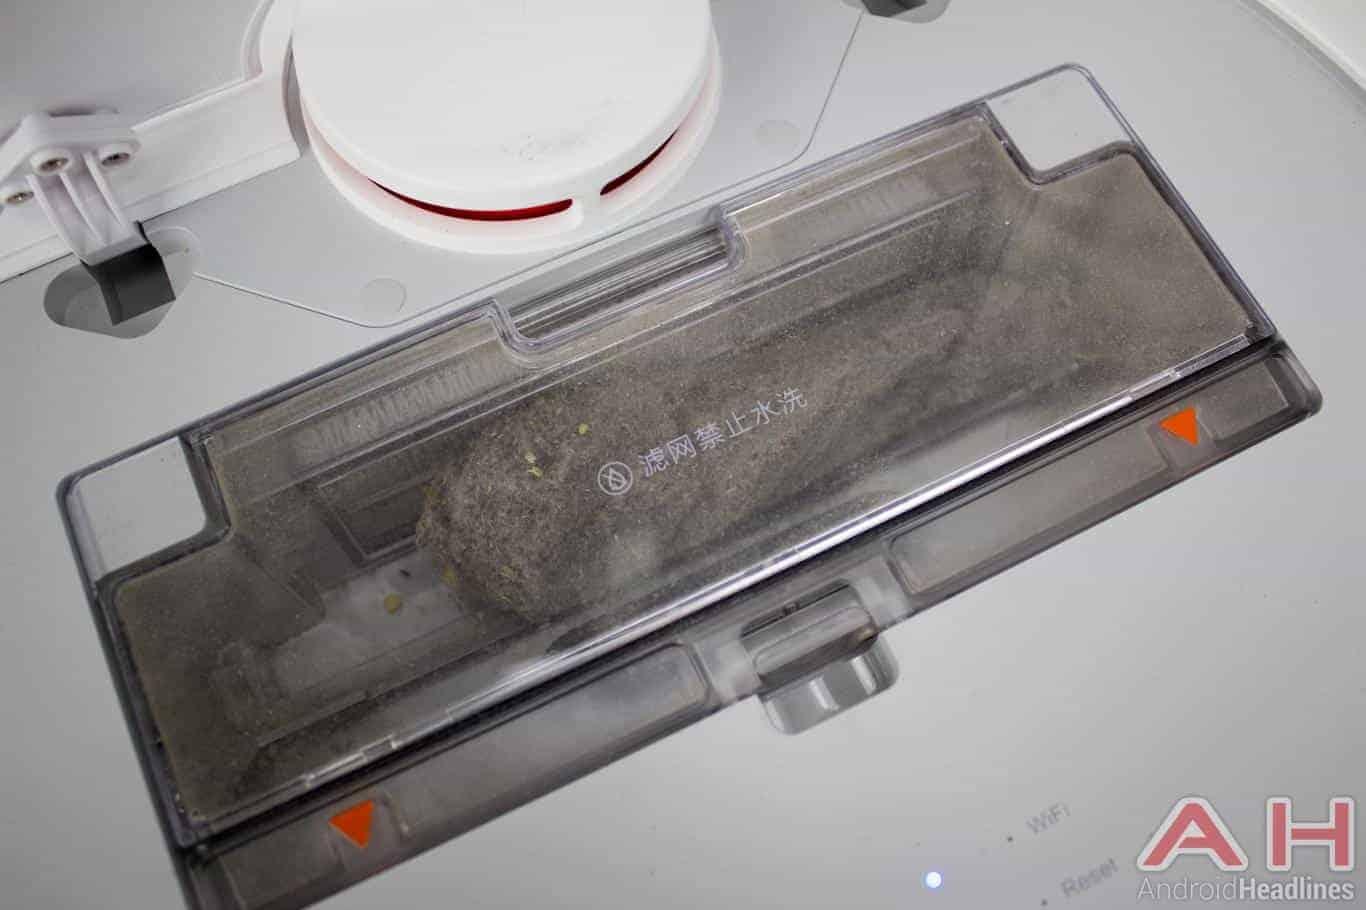 Xiaomi Mi Robot Vacuum AH NS dustbin full